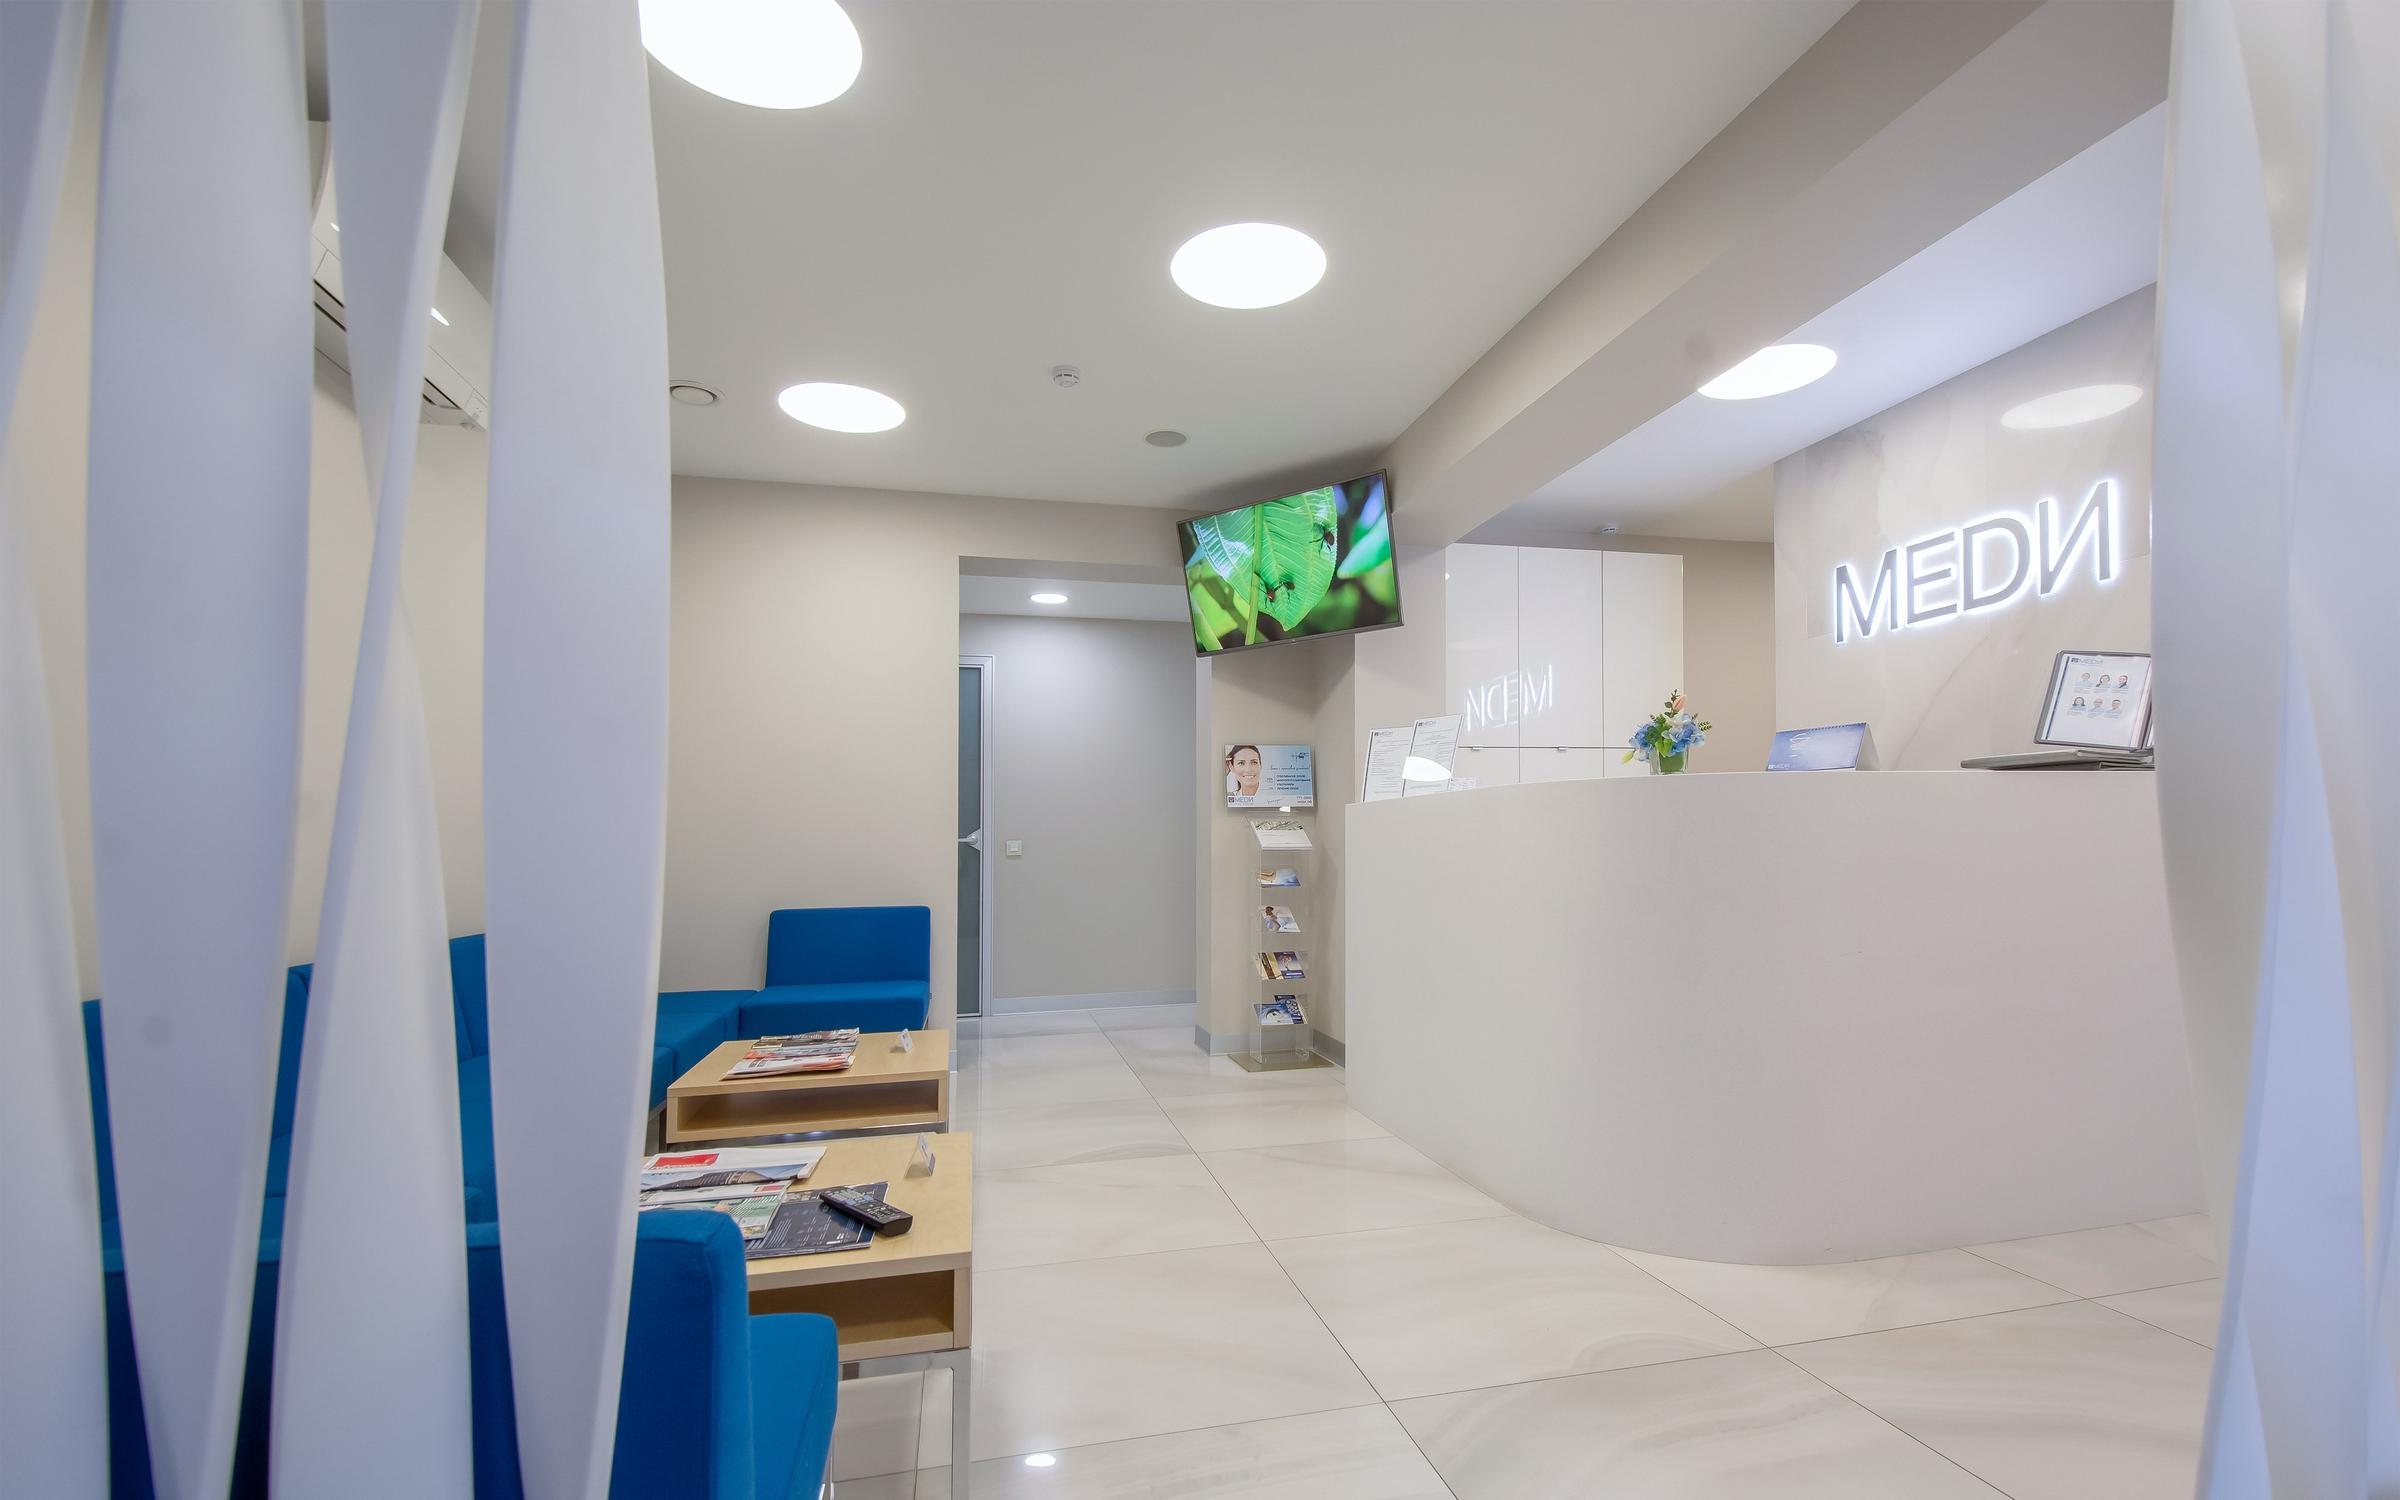 фотография Многопрофильной клиники МЕДИ на Большевиков